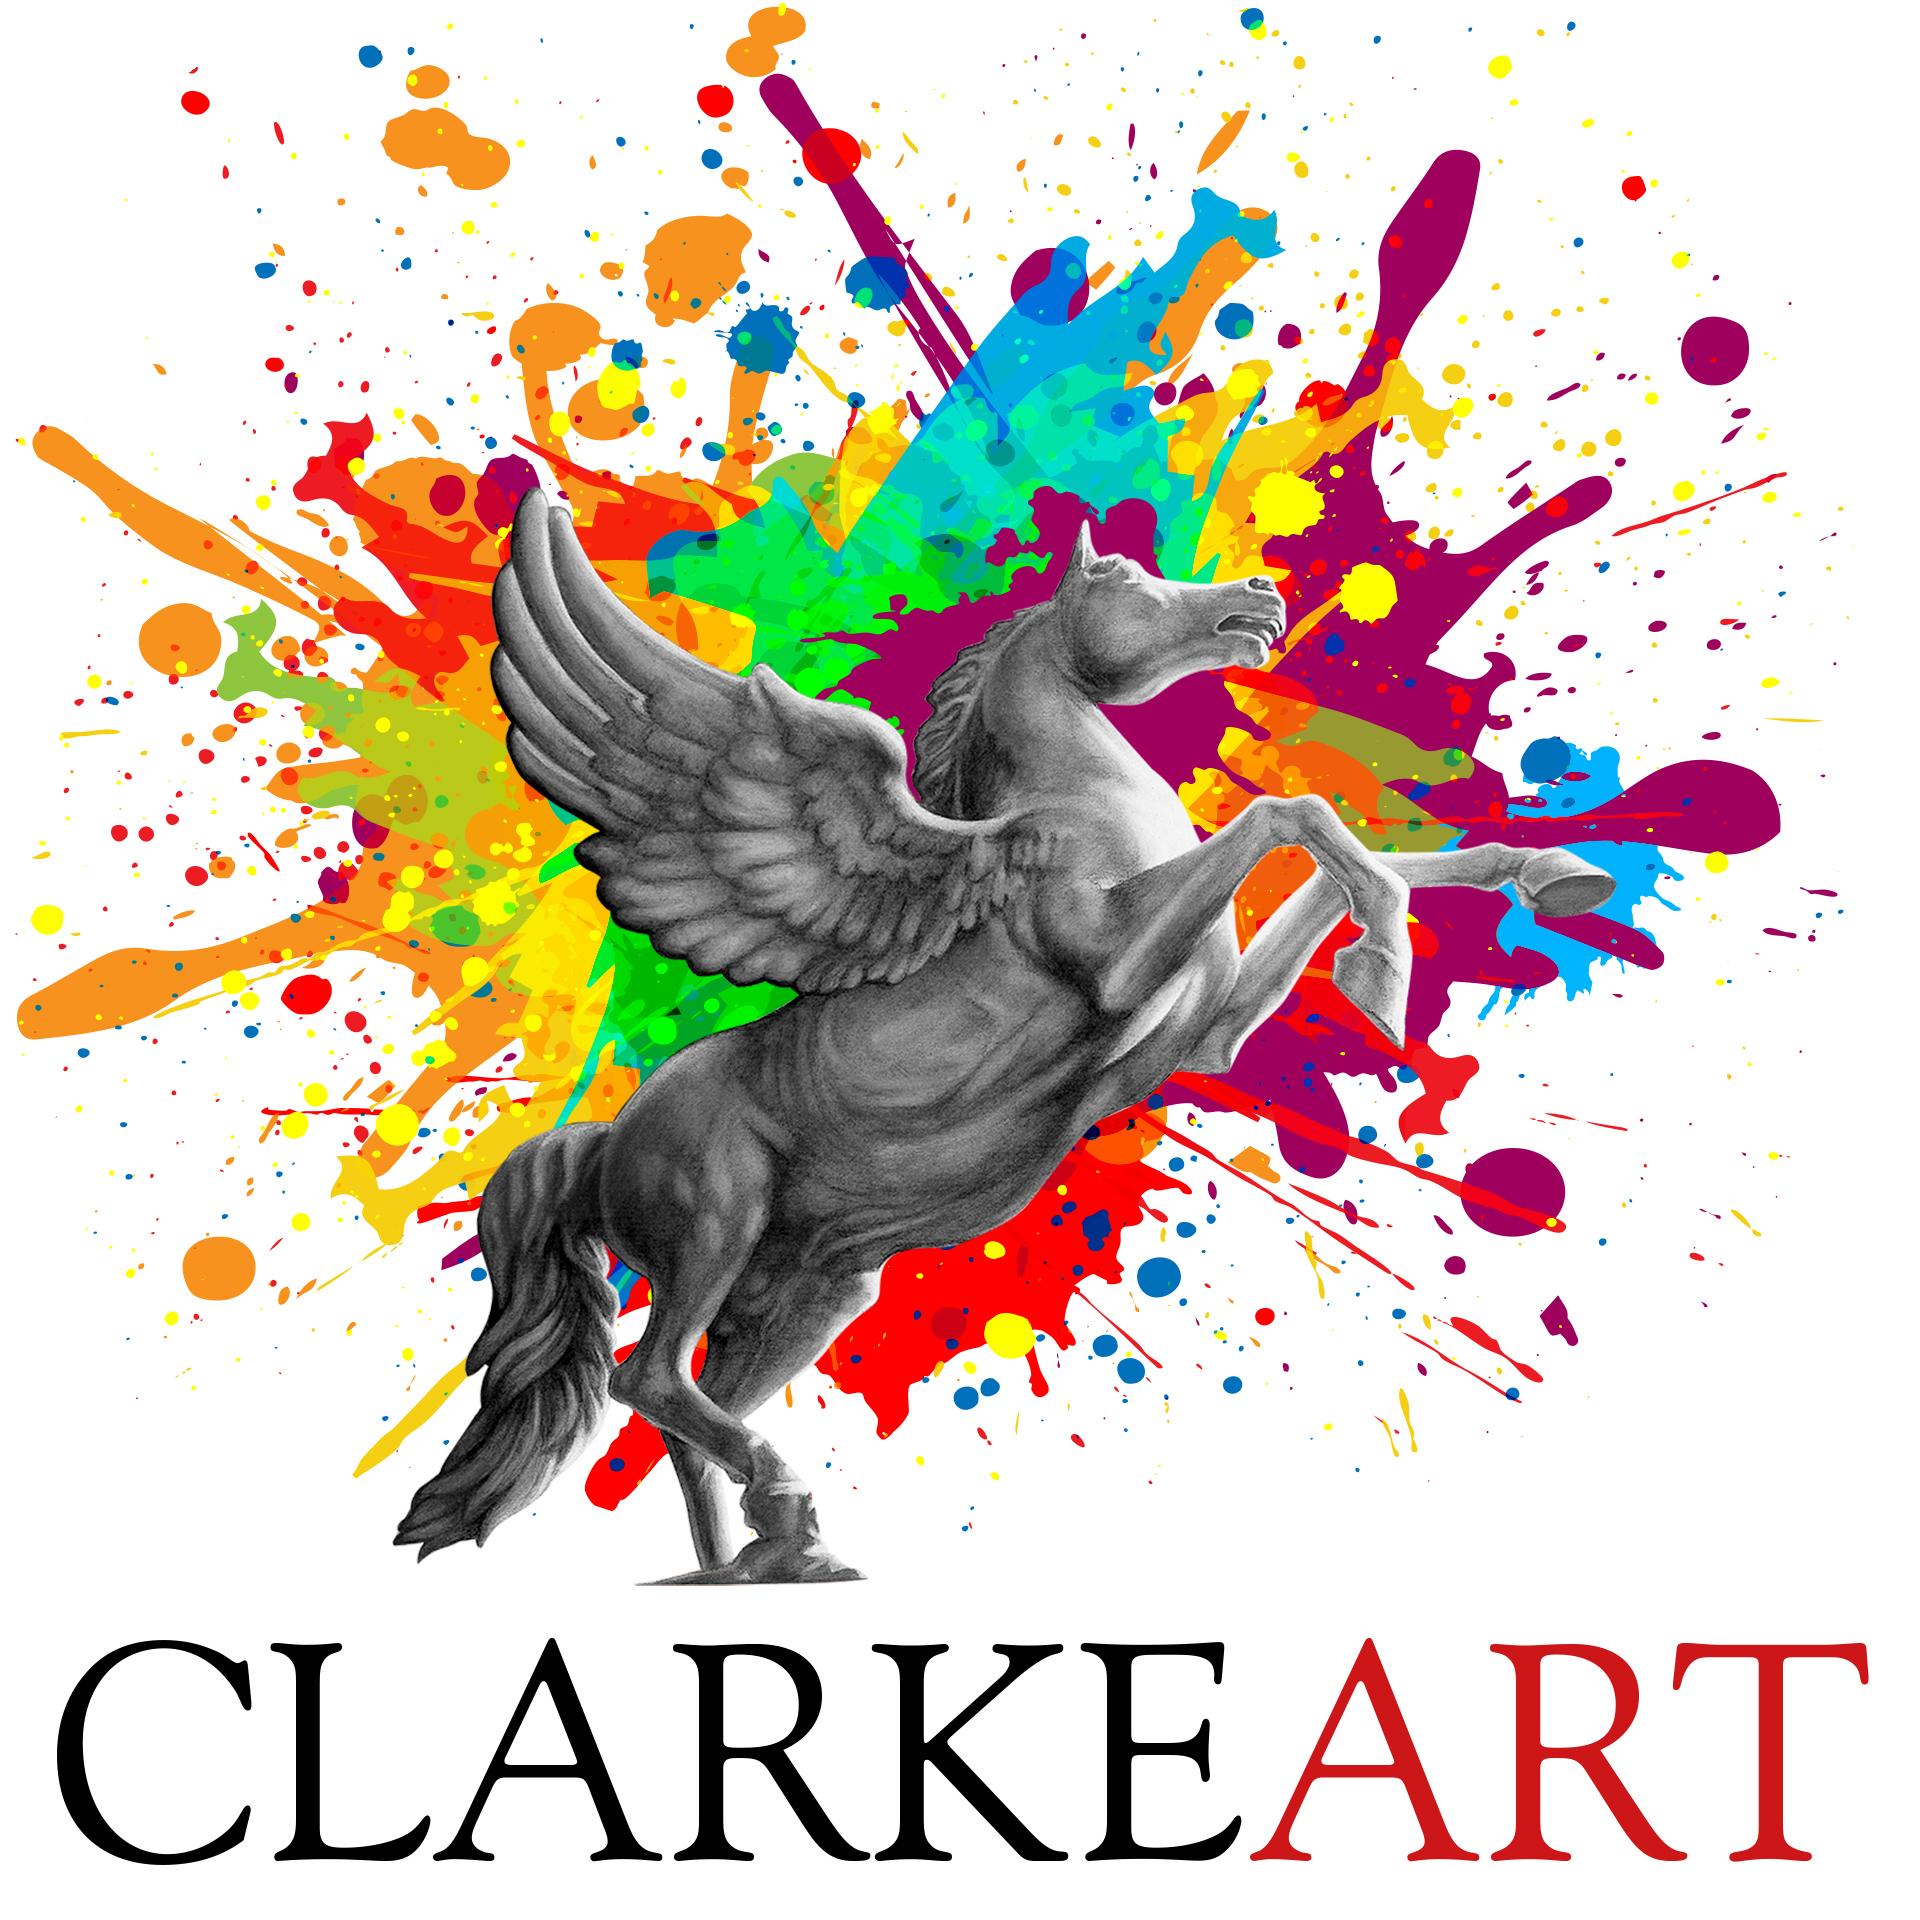 ClarkeArtRe-HeaderSplat